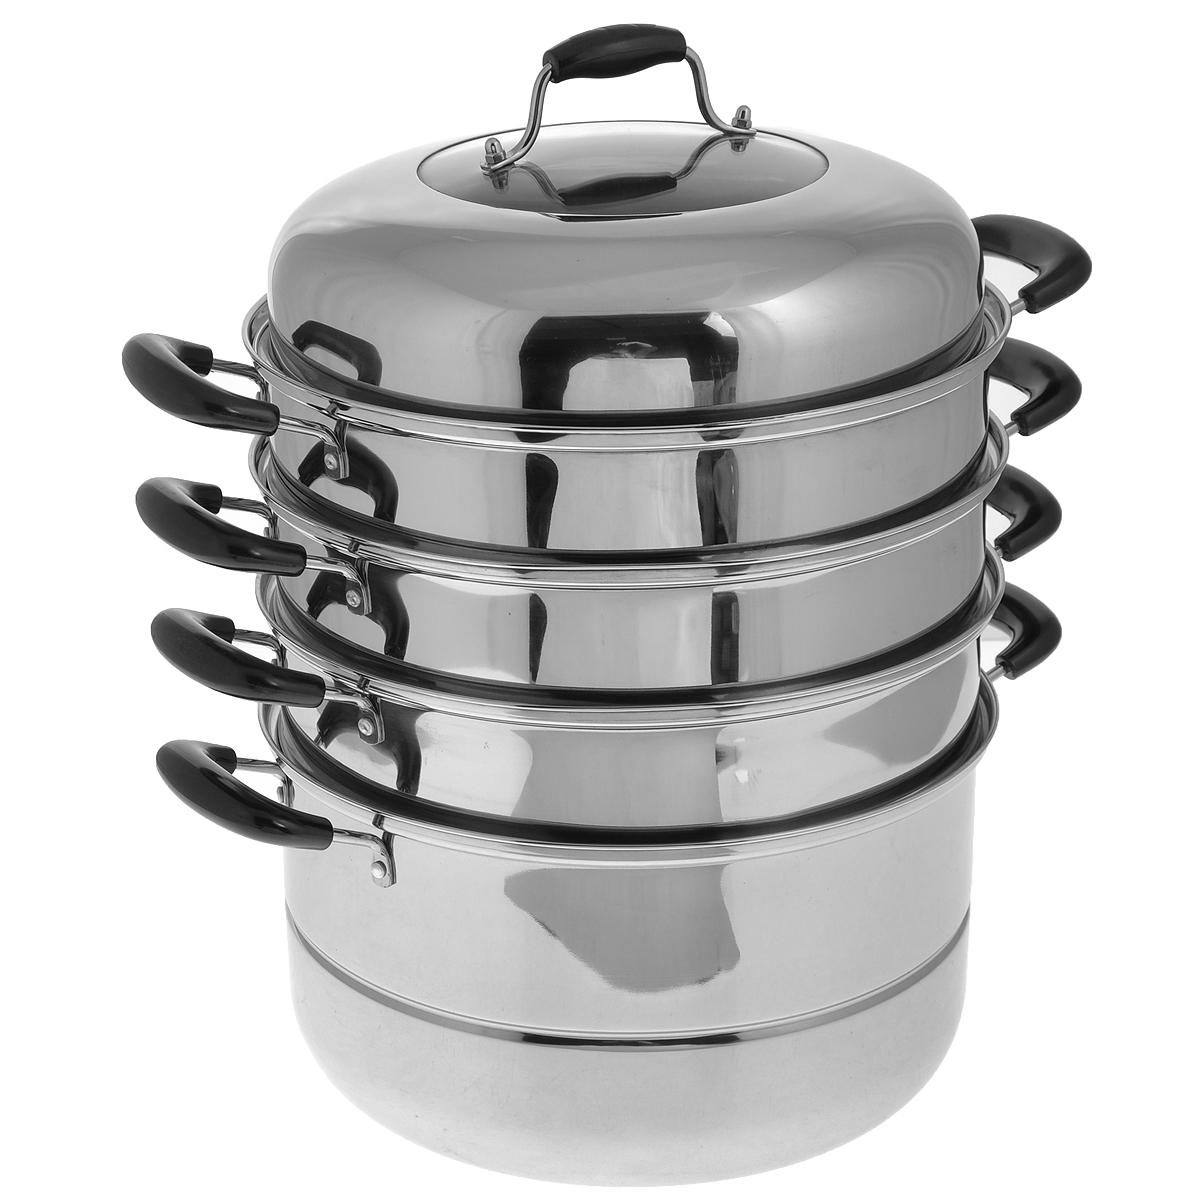 Мантоварка Mayer & Boch, 4-уровневая, 10,4 л. 2146421464Четырехъярусная мантоварка Mayer & Boch изготовлена из нержавеющей стали с зеркальной полировкой. Изделие состоит из основной емкости-кастрюли, трех секций с отверстиями, сетки и крышки. Специальный многоуровневый дизайн позволяет готовить до четырех различных блюд одновременно. Идеально подходит для национальных блюд как манты, котлеты, овощи, пельмени на пару и многое другое. Блюда, приготовленные на пару, являются самыми здоровыми и полезными, так как при их приготовлении не используется масло и жир. Они сохраняют все питательные вещества и витамины. Мантоварка оснащена удобными ручками из бакелита черного цвета. Крышка из нержавеющей стали оснащена стеклянным окошком и бакелитовой ручкой. Подходит для газовых, электрических, стеклокерамических плит. Можно мыть в посудомоечной машине. Объем кастрюли: 10,4 л. Диаметр: 30 см. Общая высота (в собранном виде, без учета крышки): 34 см. Диаметр основания: 26,5 см.